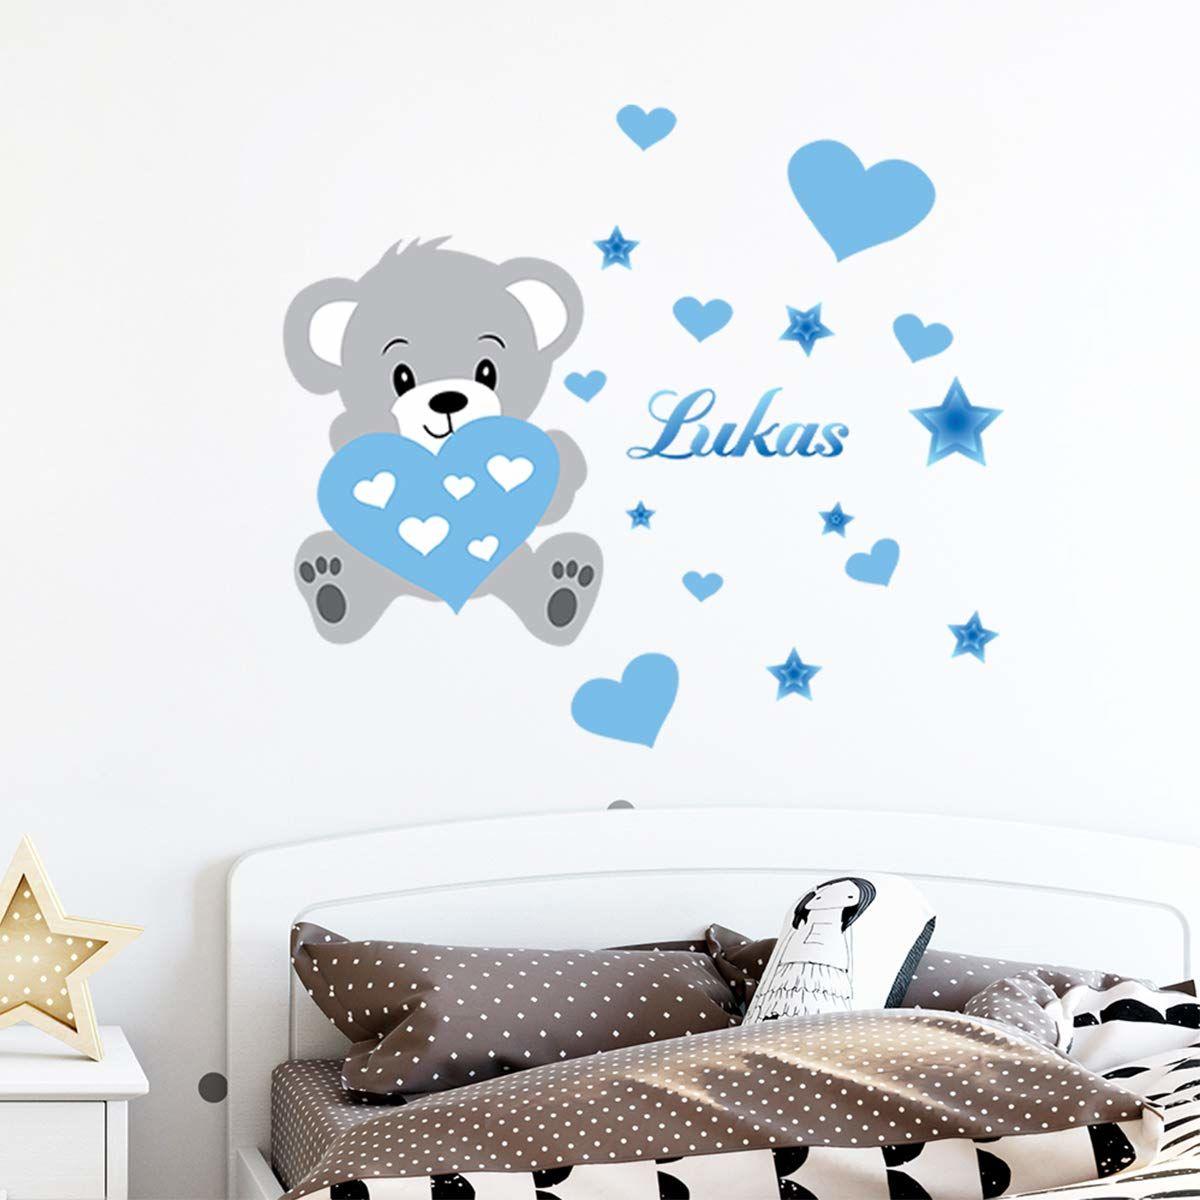 Spersonalizowane naklejki z imieniem tatuaż ścienny niedźwiedź dekoracja ścienna do pokoju dziecięcego 2 arkusze po 30 x 35 cm i 50 x 30 cm